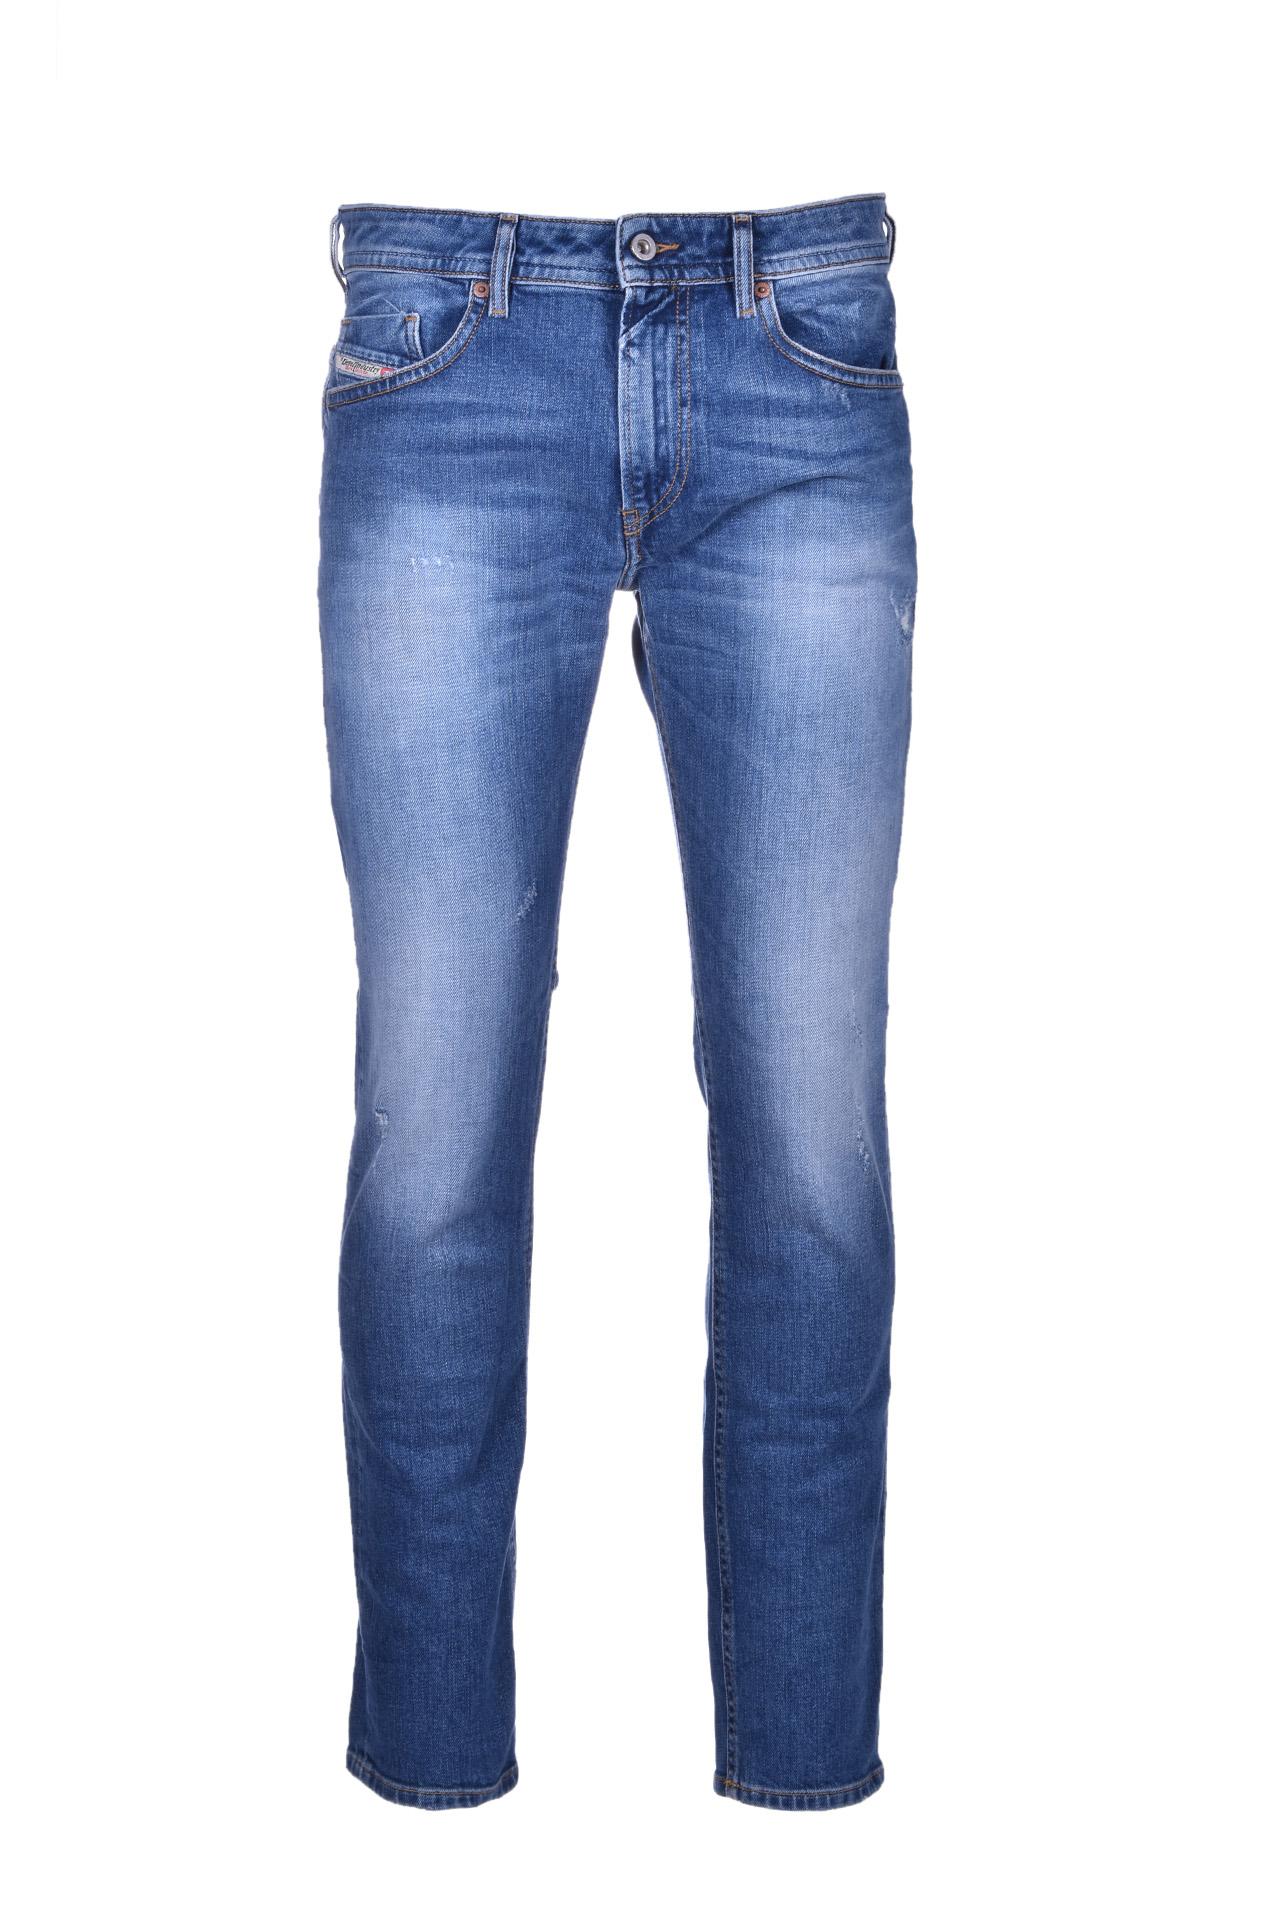 jeans thommer-x l.30 - blu chiaro DIESEL | Jeans | 00SB6C 0096D01